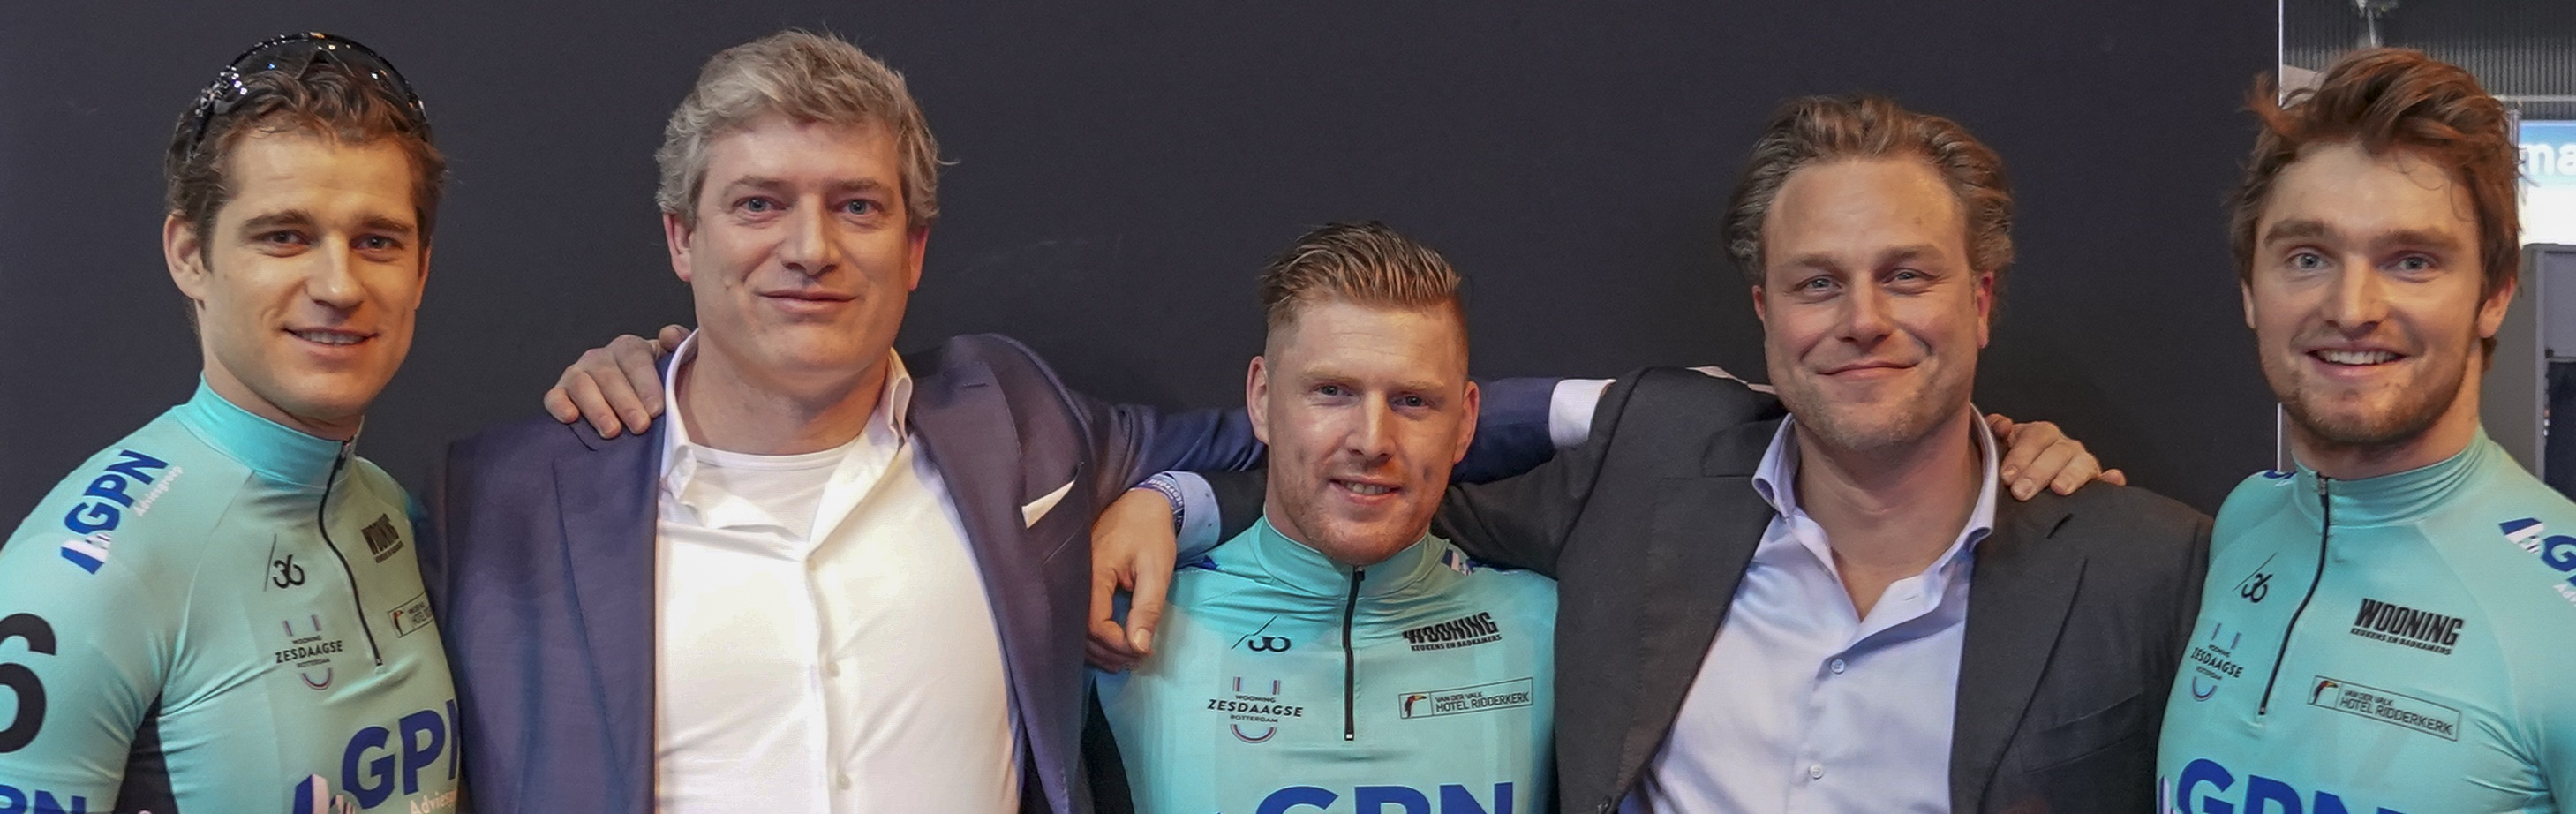 Ambitieus BEAT Cycling Club vervolgt ingeslagen koers met Kneppelhout & Korthals Advocaten